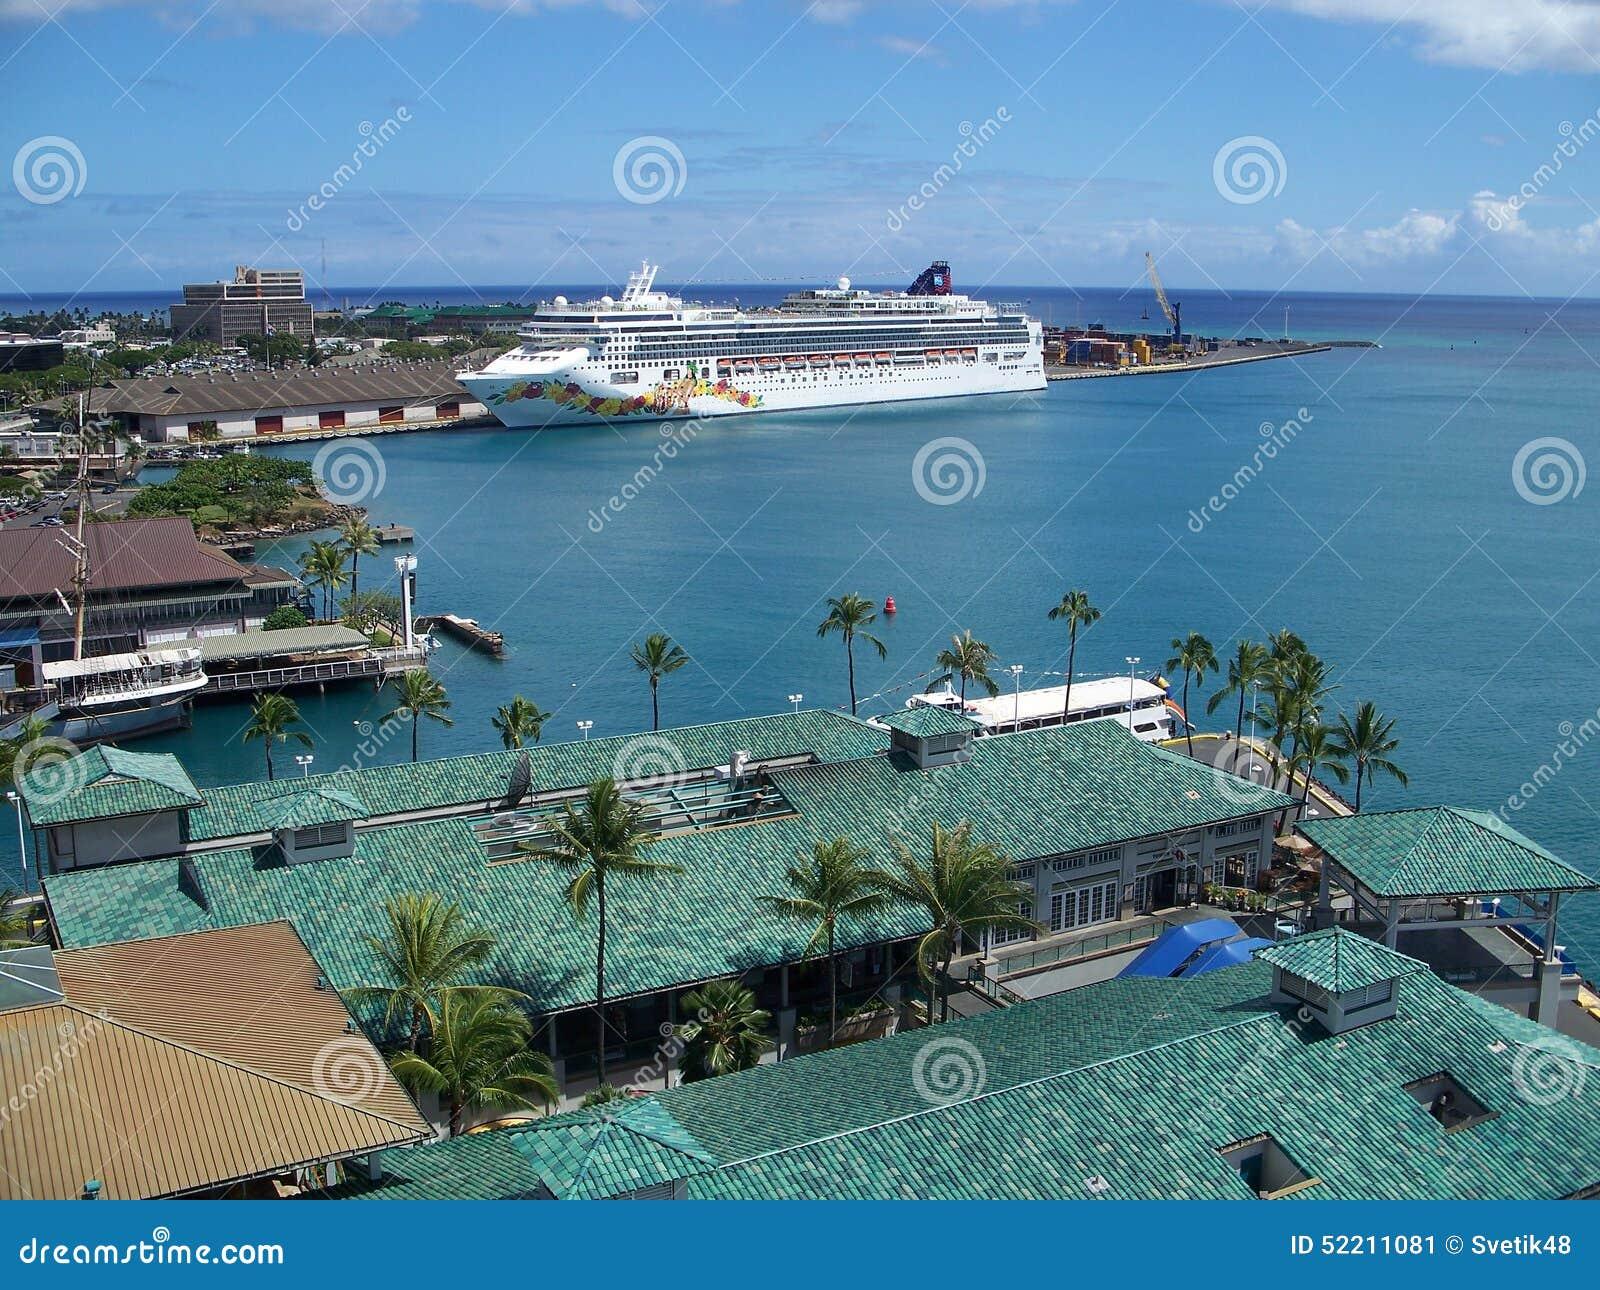 Cruise Ship Stock Photo  Image 52211081